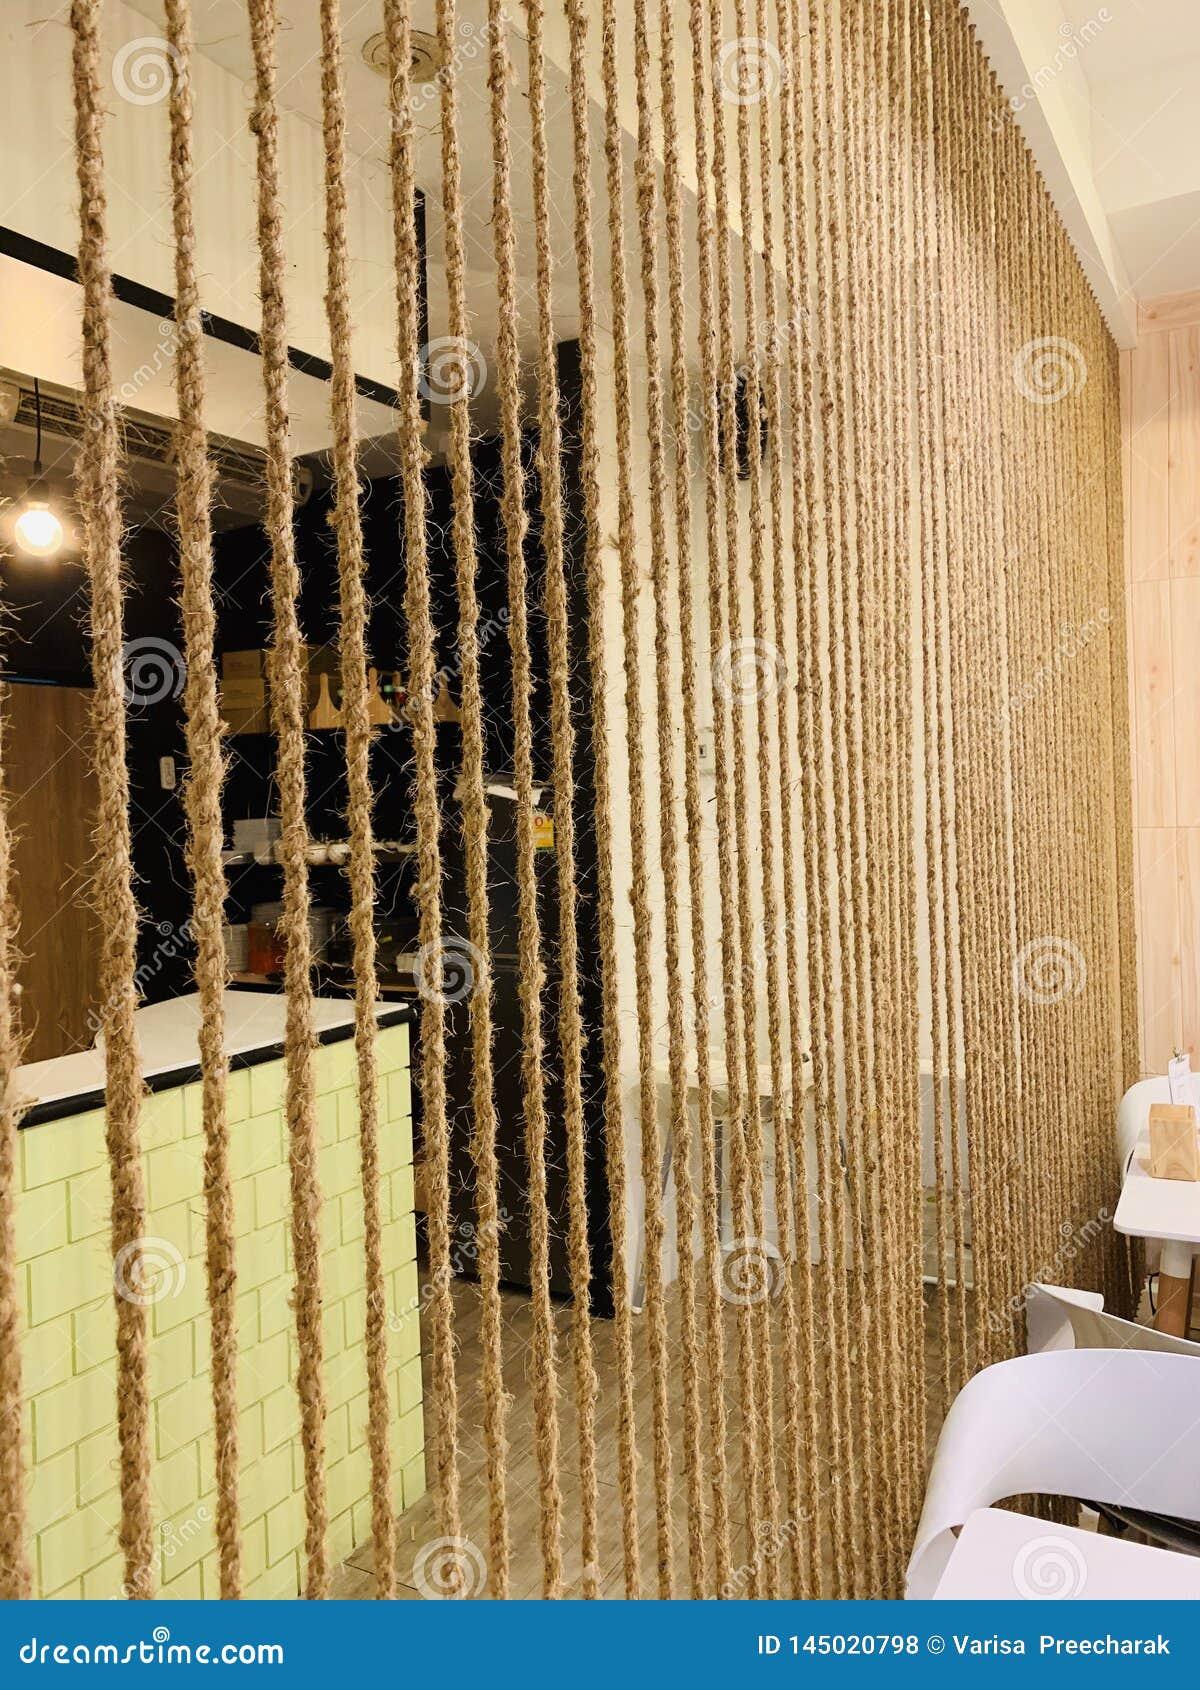 Το κομψό δωμάτιο, που διαιρεί το δωμάτιο με το σχοινί, διακοσμεί